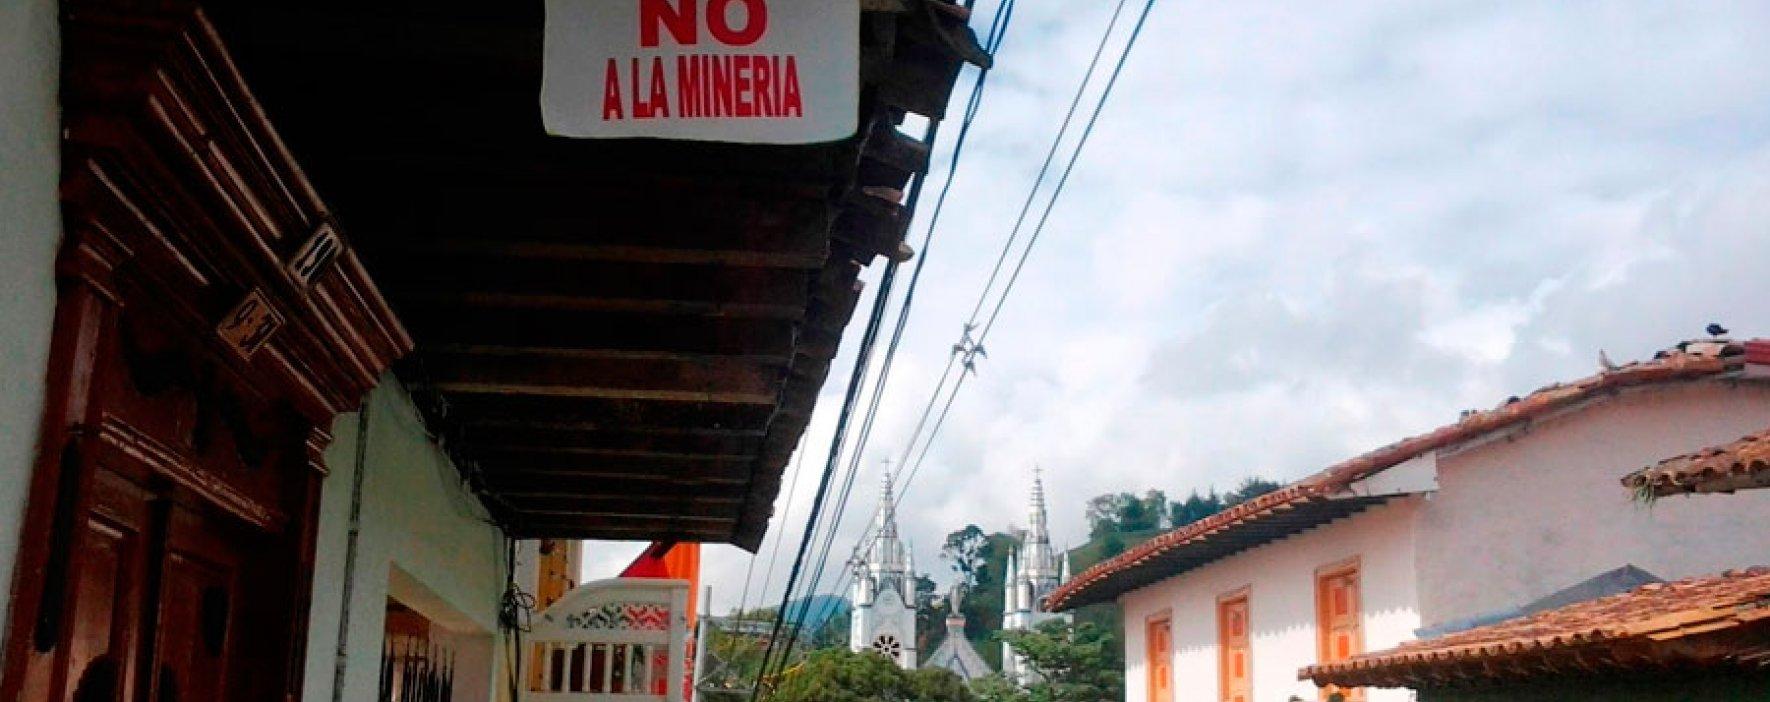 Municipios de Colombia dicen NO a la minería